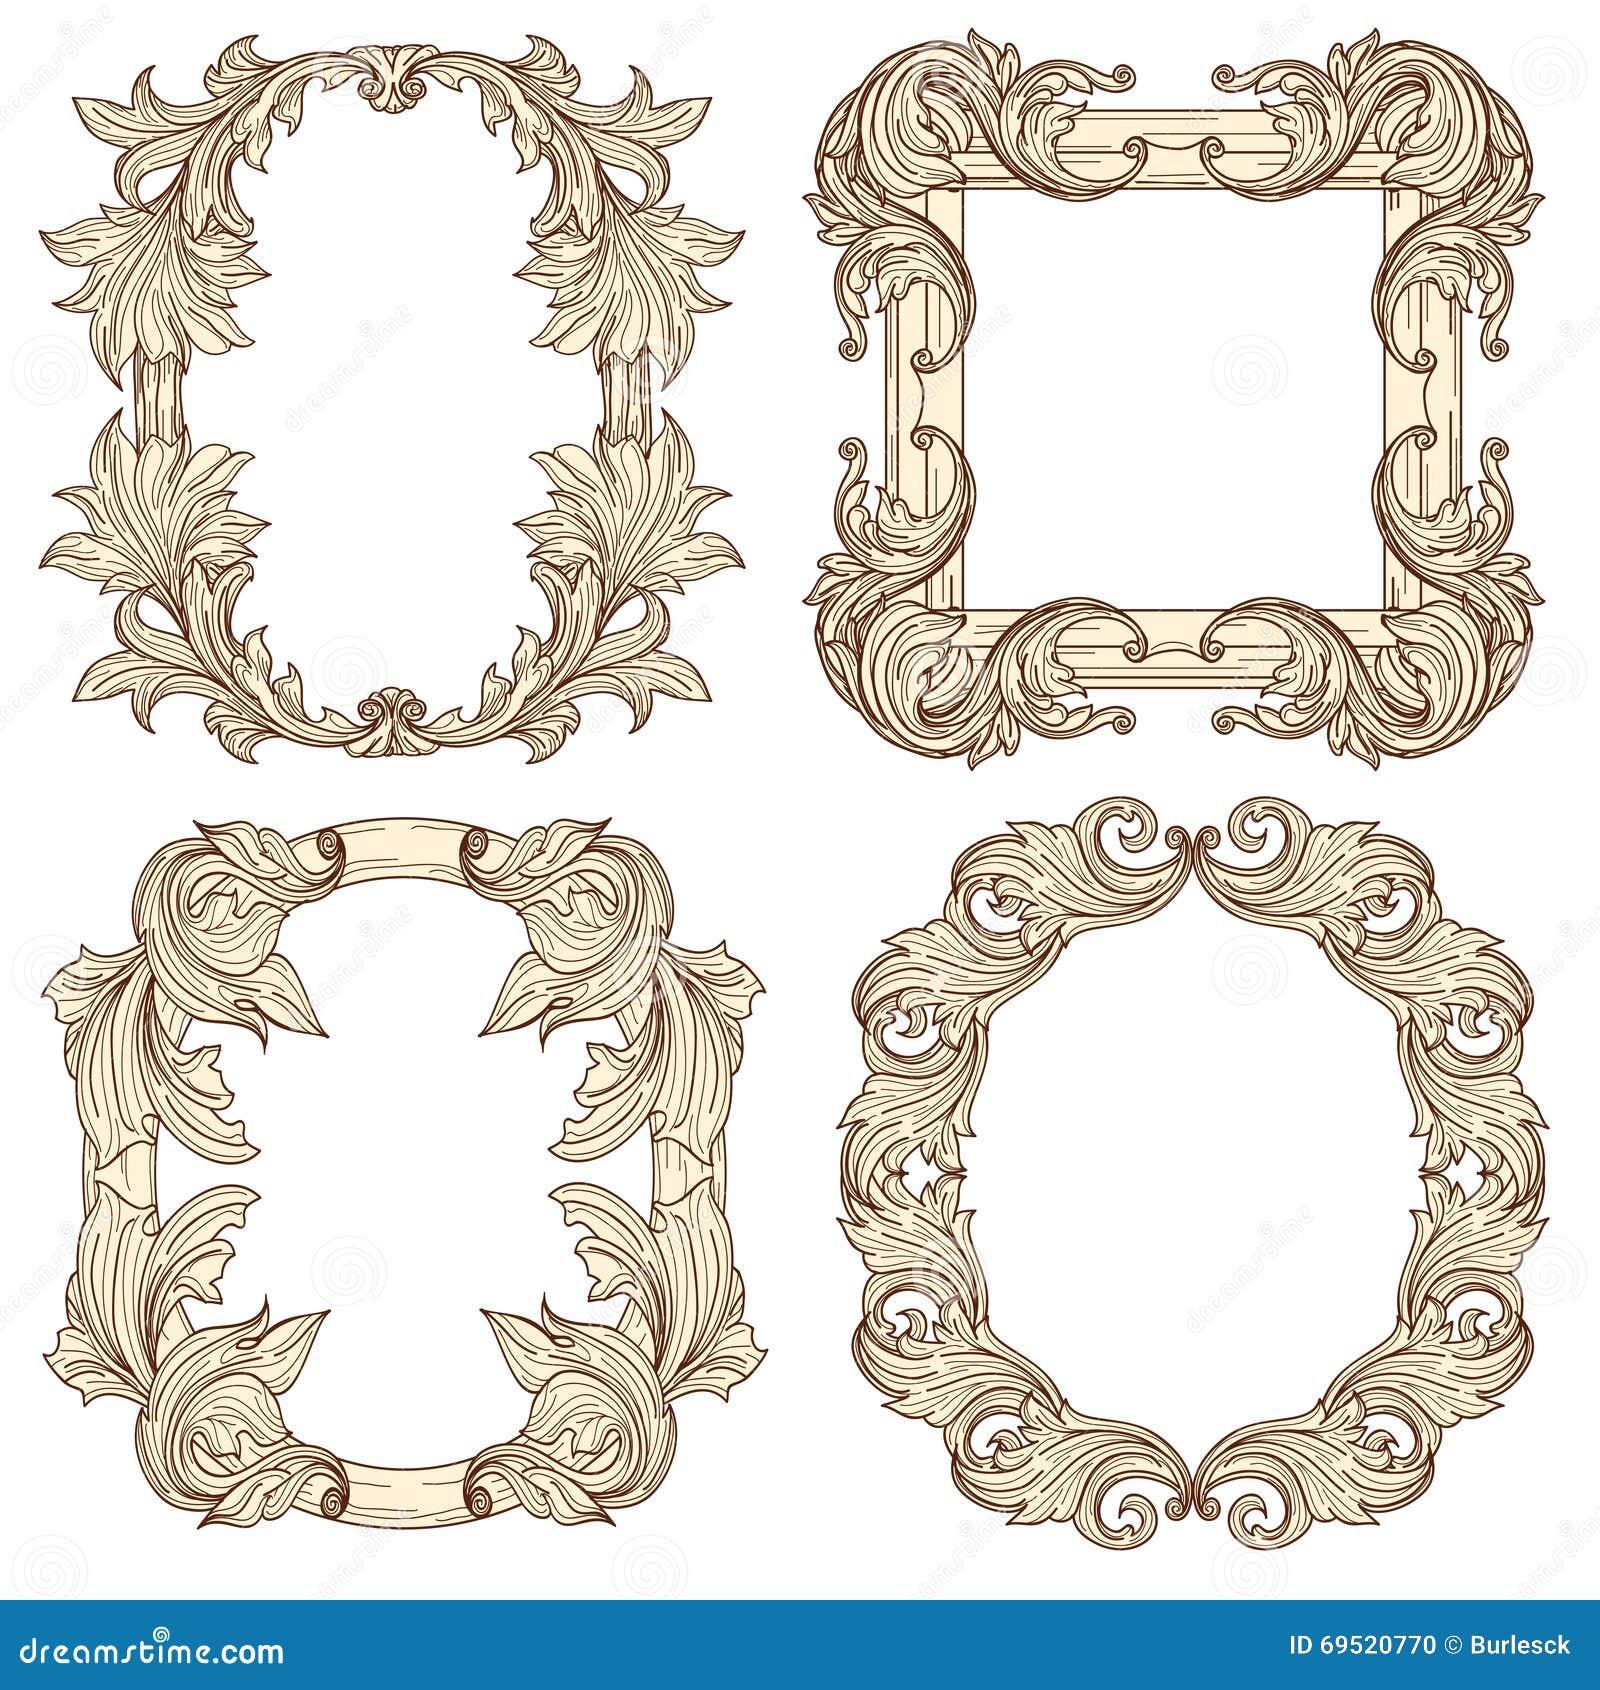 beb87a878582a Molduras para retrato no estilo antigo barroco Vetor que grava quadros  retros Quadro o vintage decorativo